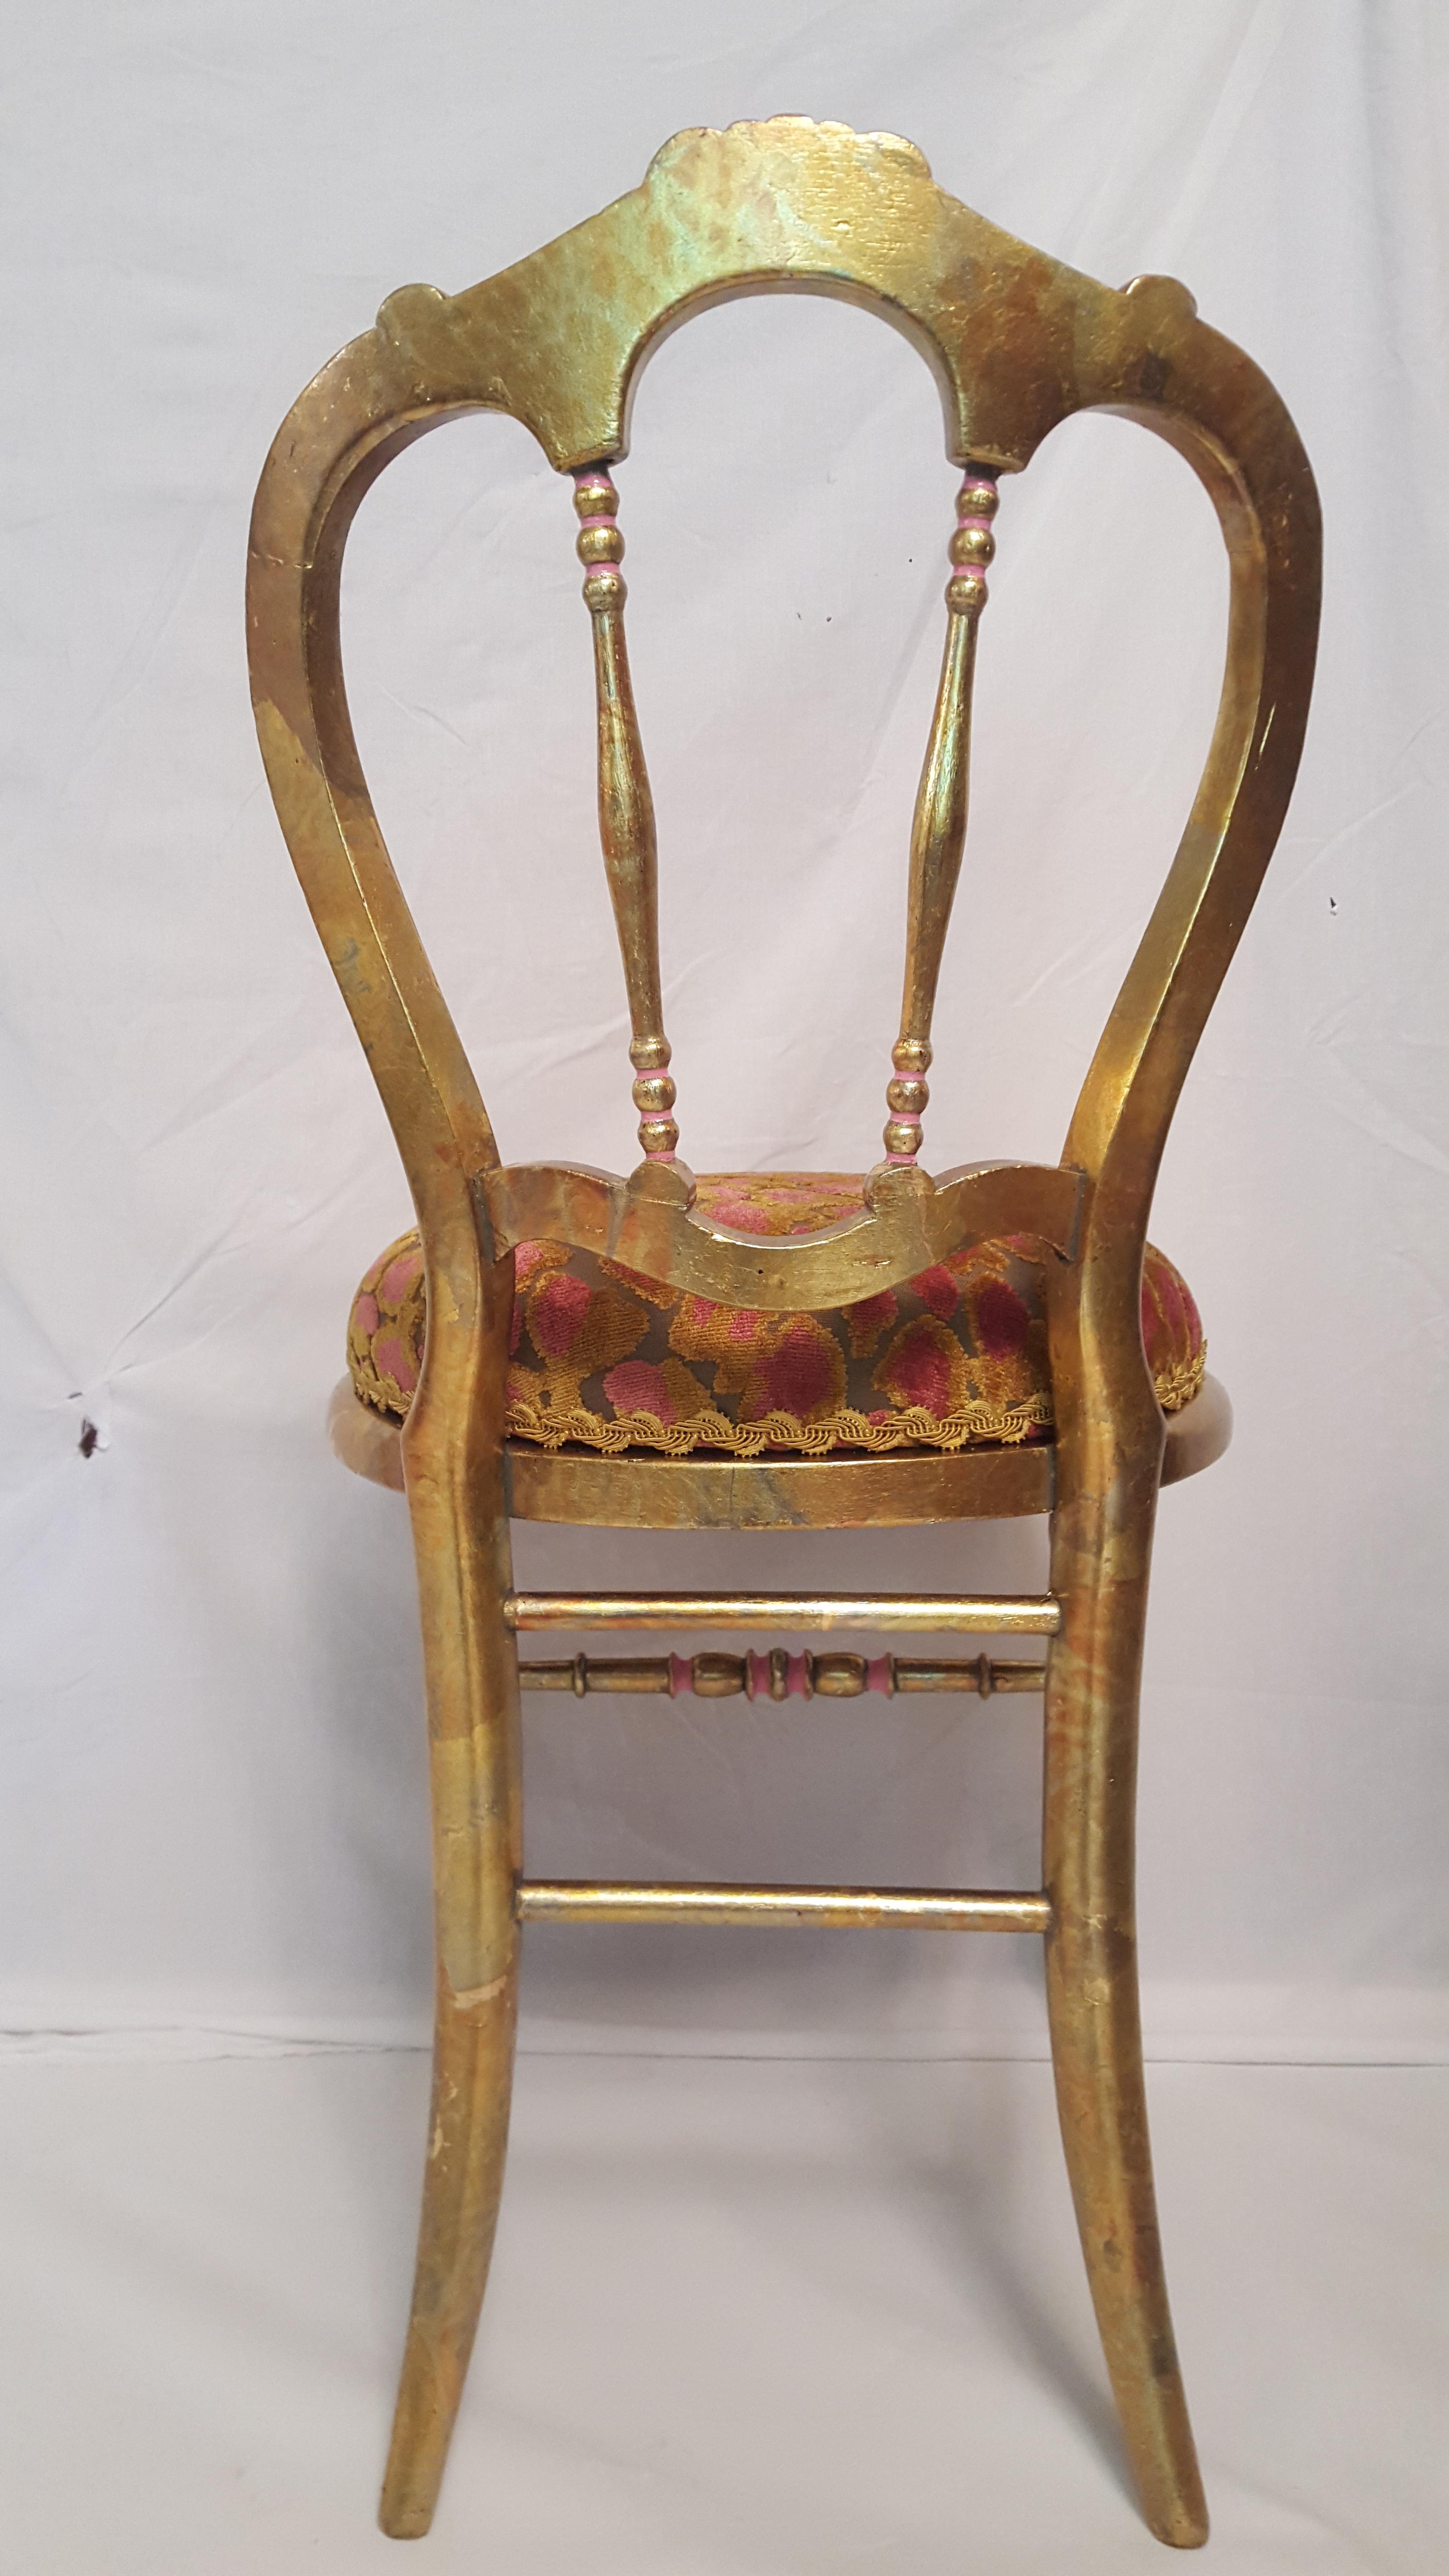 Delightful Hollywood Regency Gold Leafed U0026 Leopard Velvet Vanity Chair   Image 5 ...